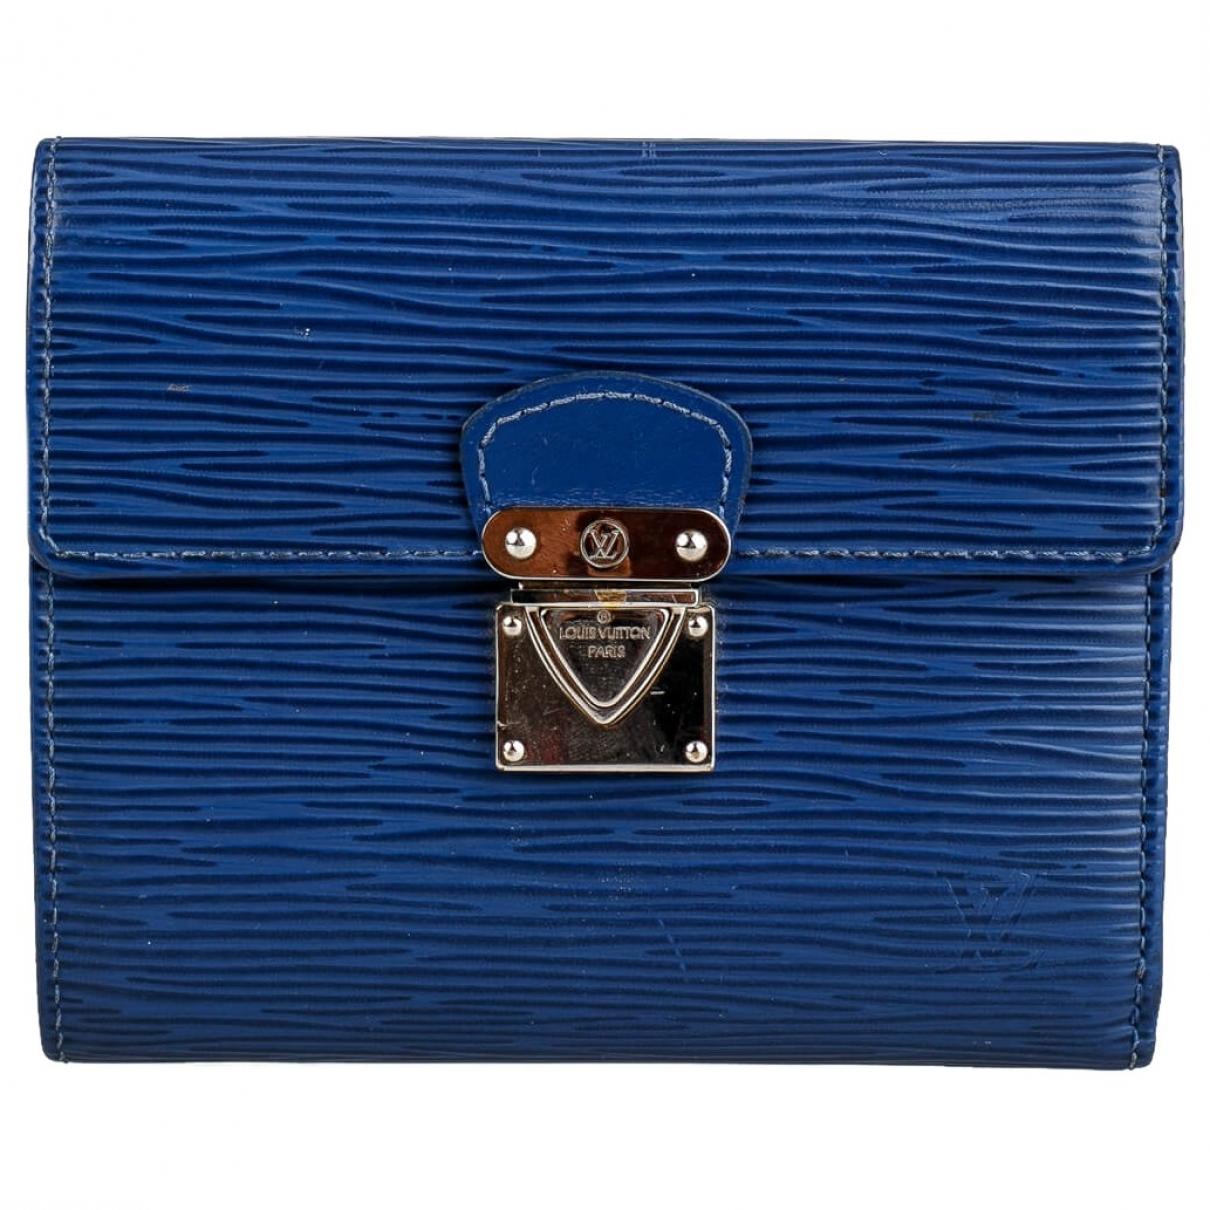 Louis Vuitton - Portefeuille   pour femme en cuir - bleu